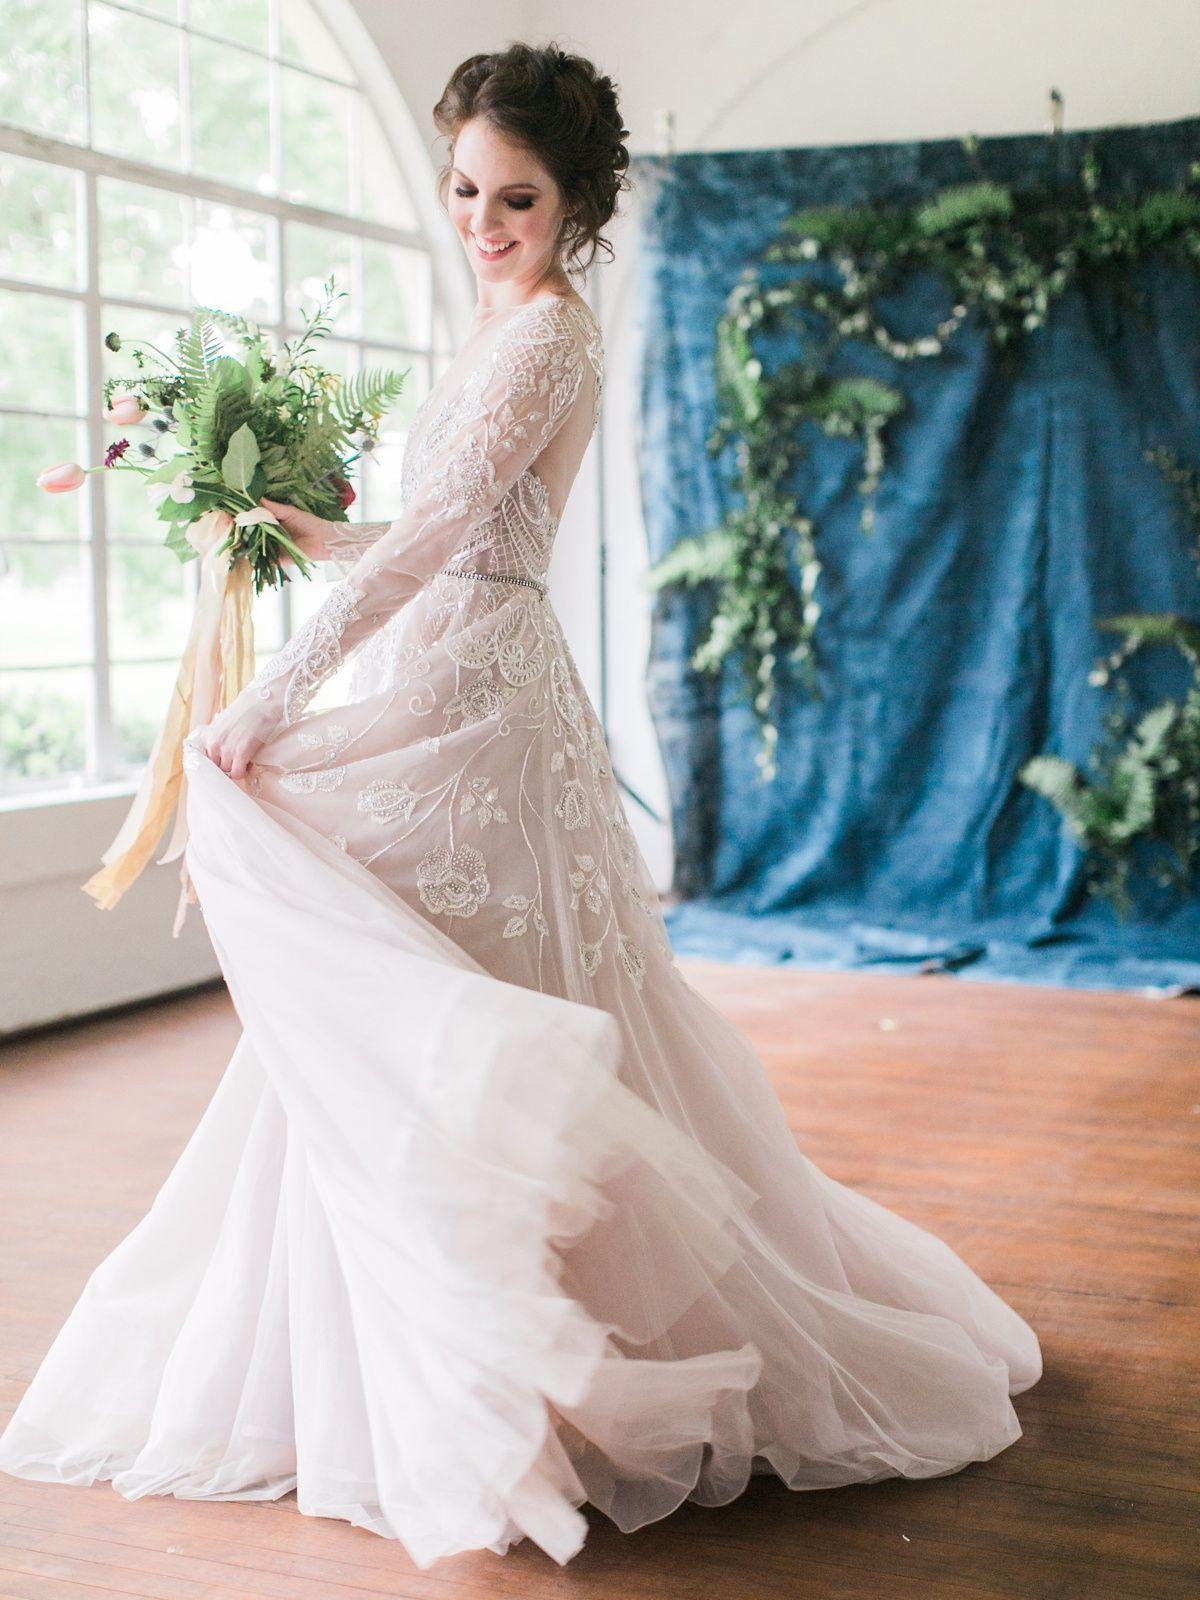 Luke & Cat Photography, husband and wife wedding photographers based ...